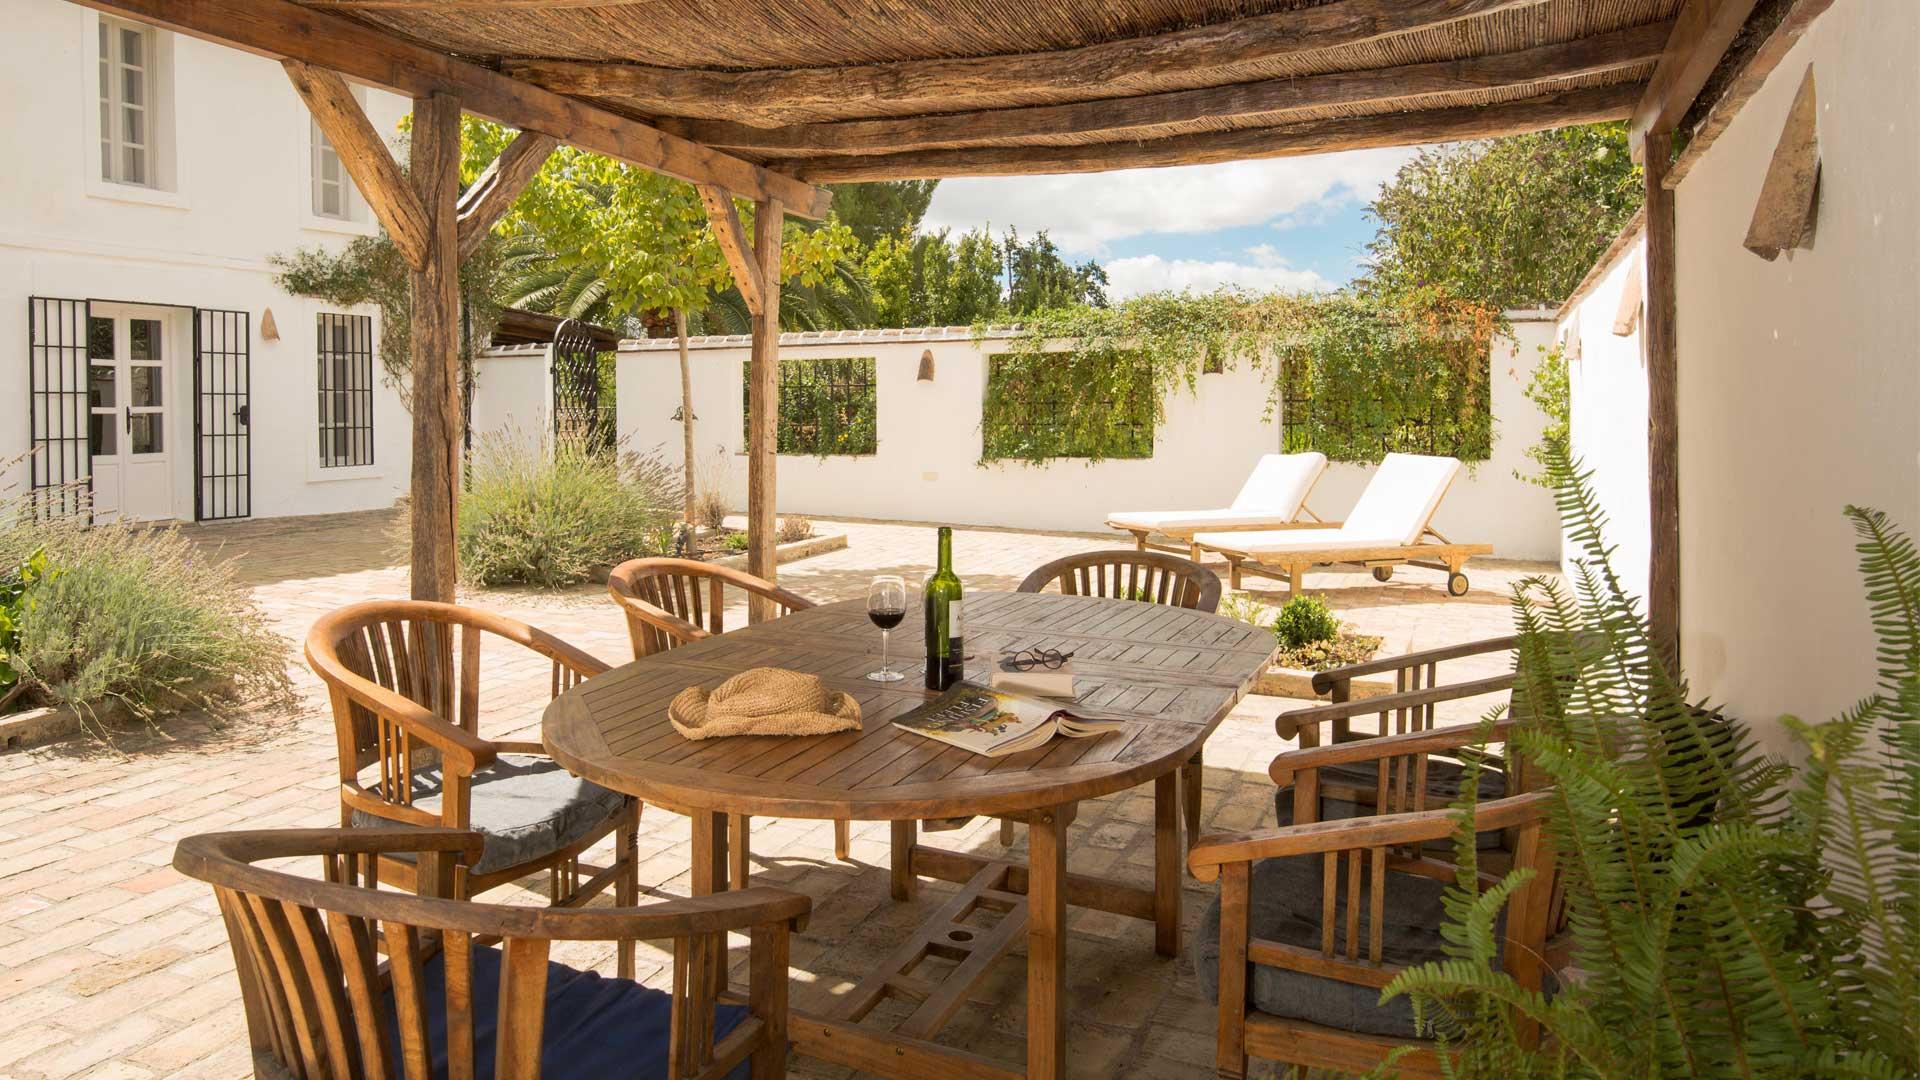 photos de la villa noca andalousie villanovo. Black Bedroom Furniture Sets. Home Design Ideas